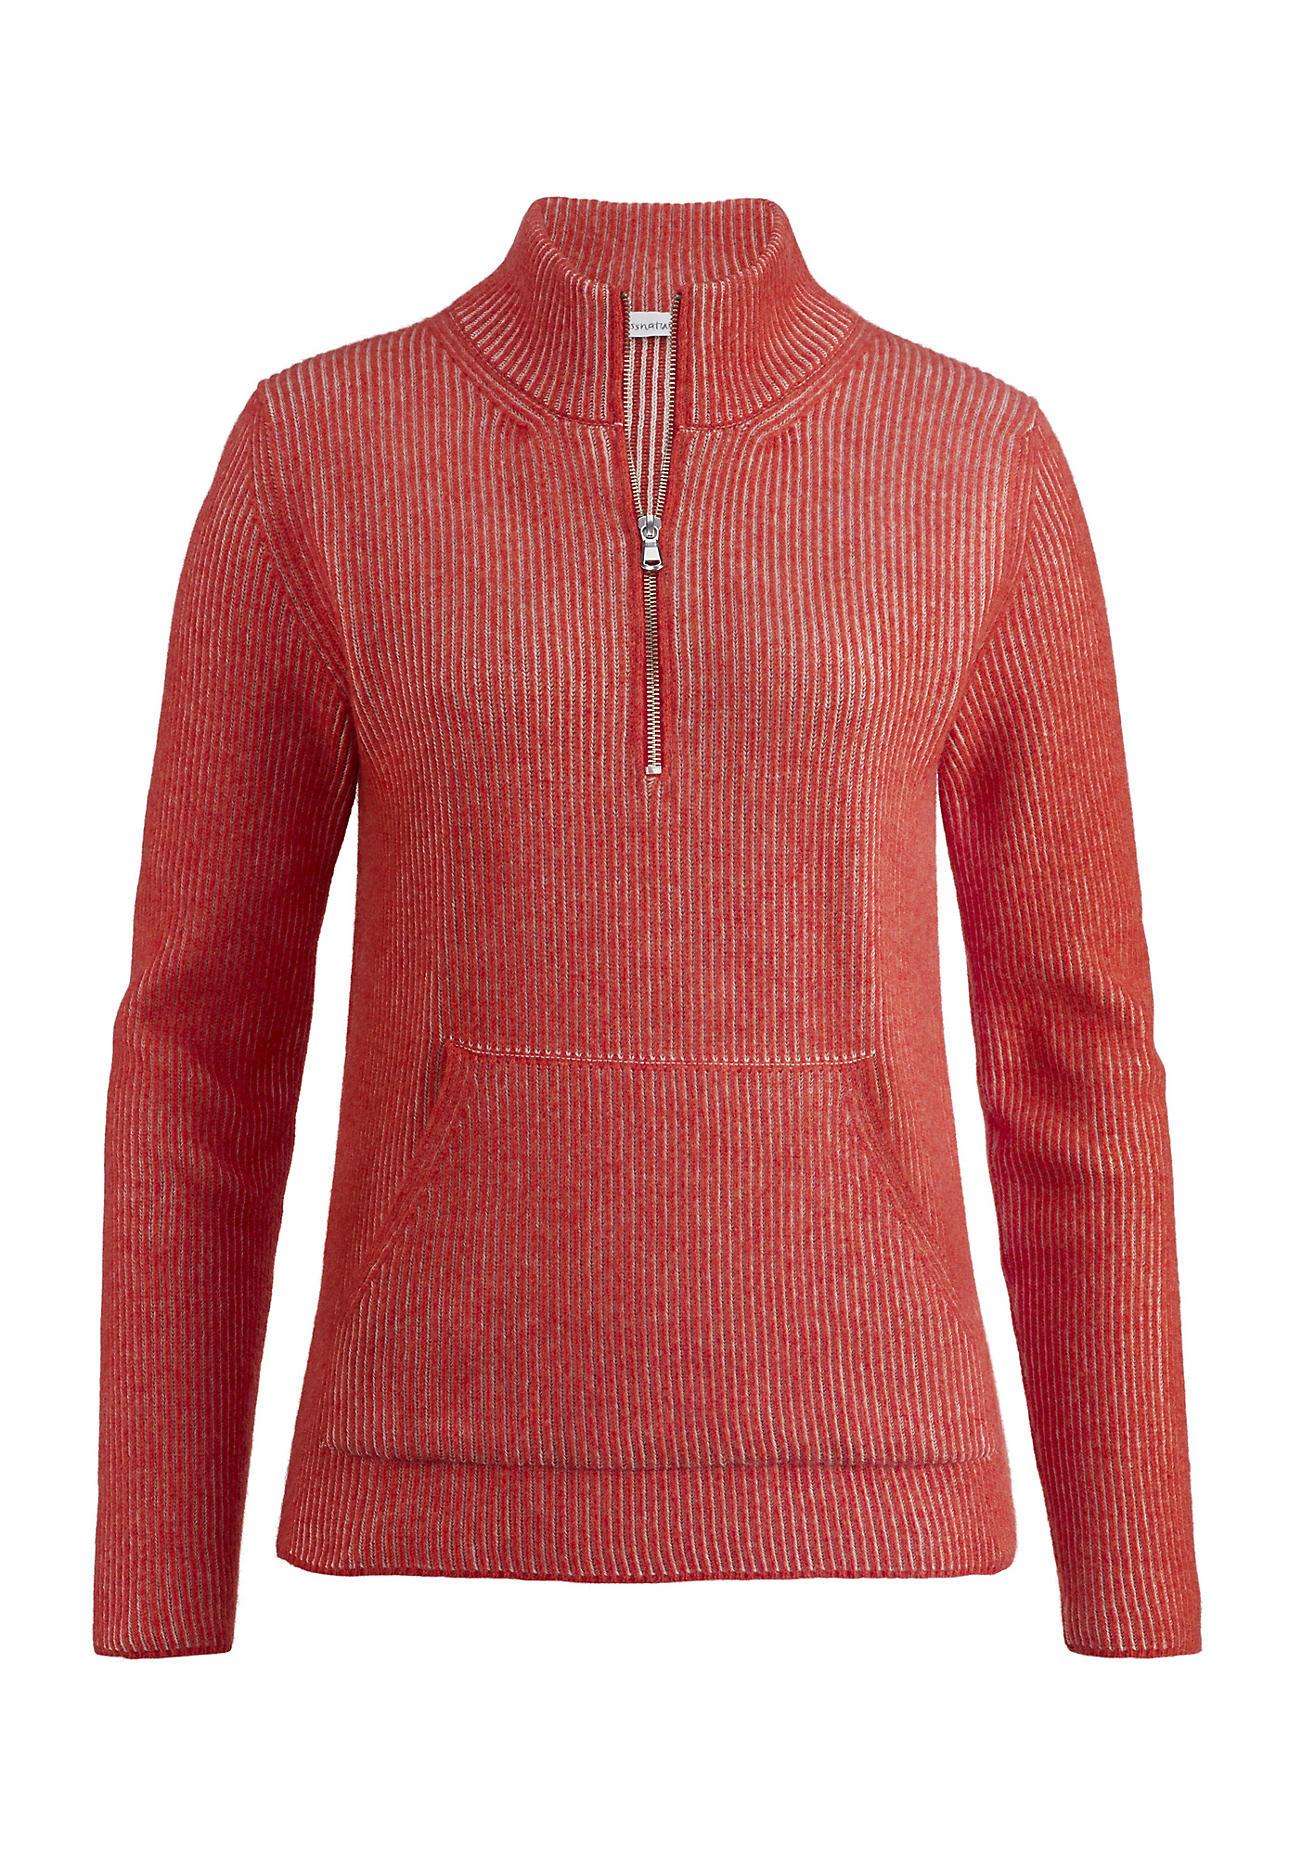 hessnatur Outdoor Damen Troyer aus Bio-Baumwolle und Lambswool – rot – Größe 36   Bekleidung > Pullover > Troyer   Feuerrot   Baumwolle   hessnatur